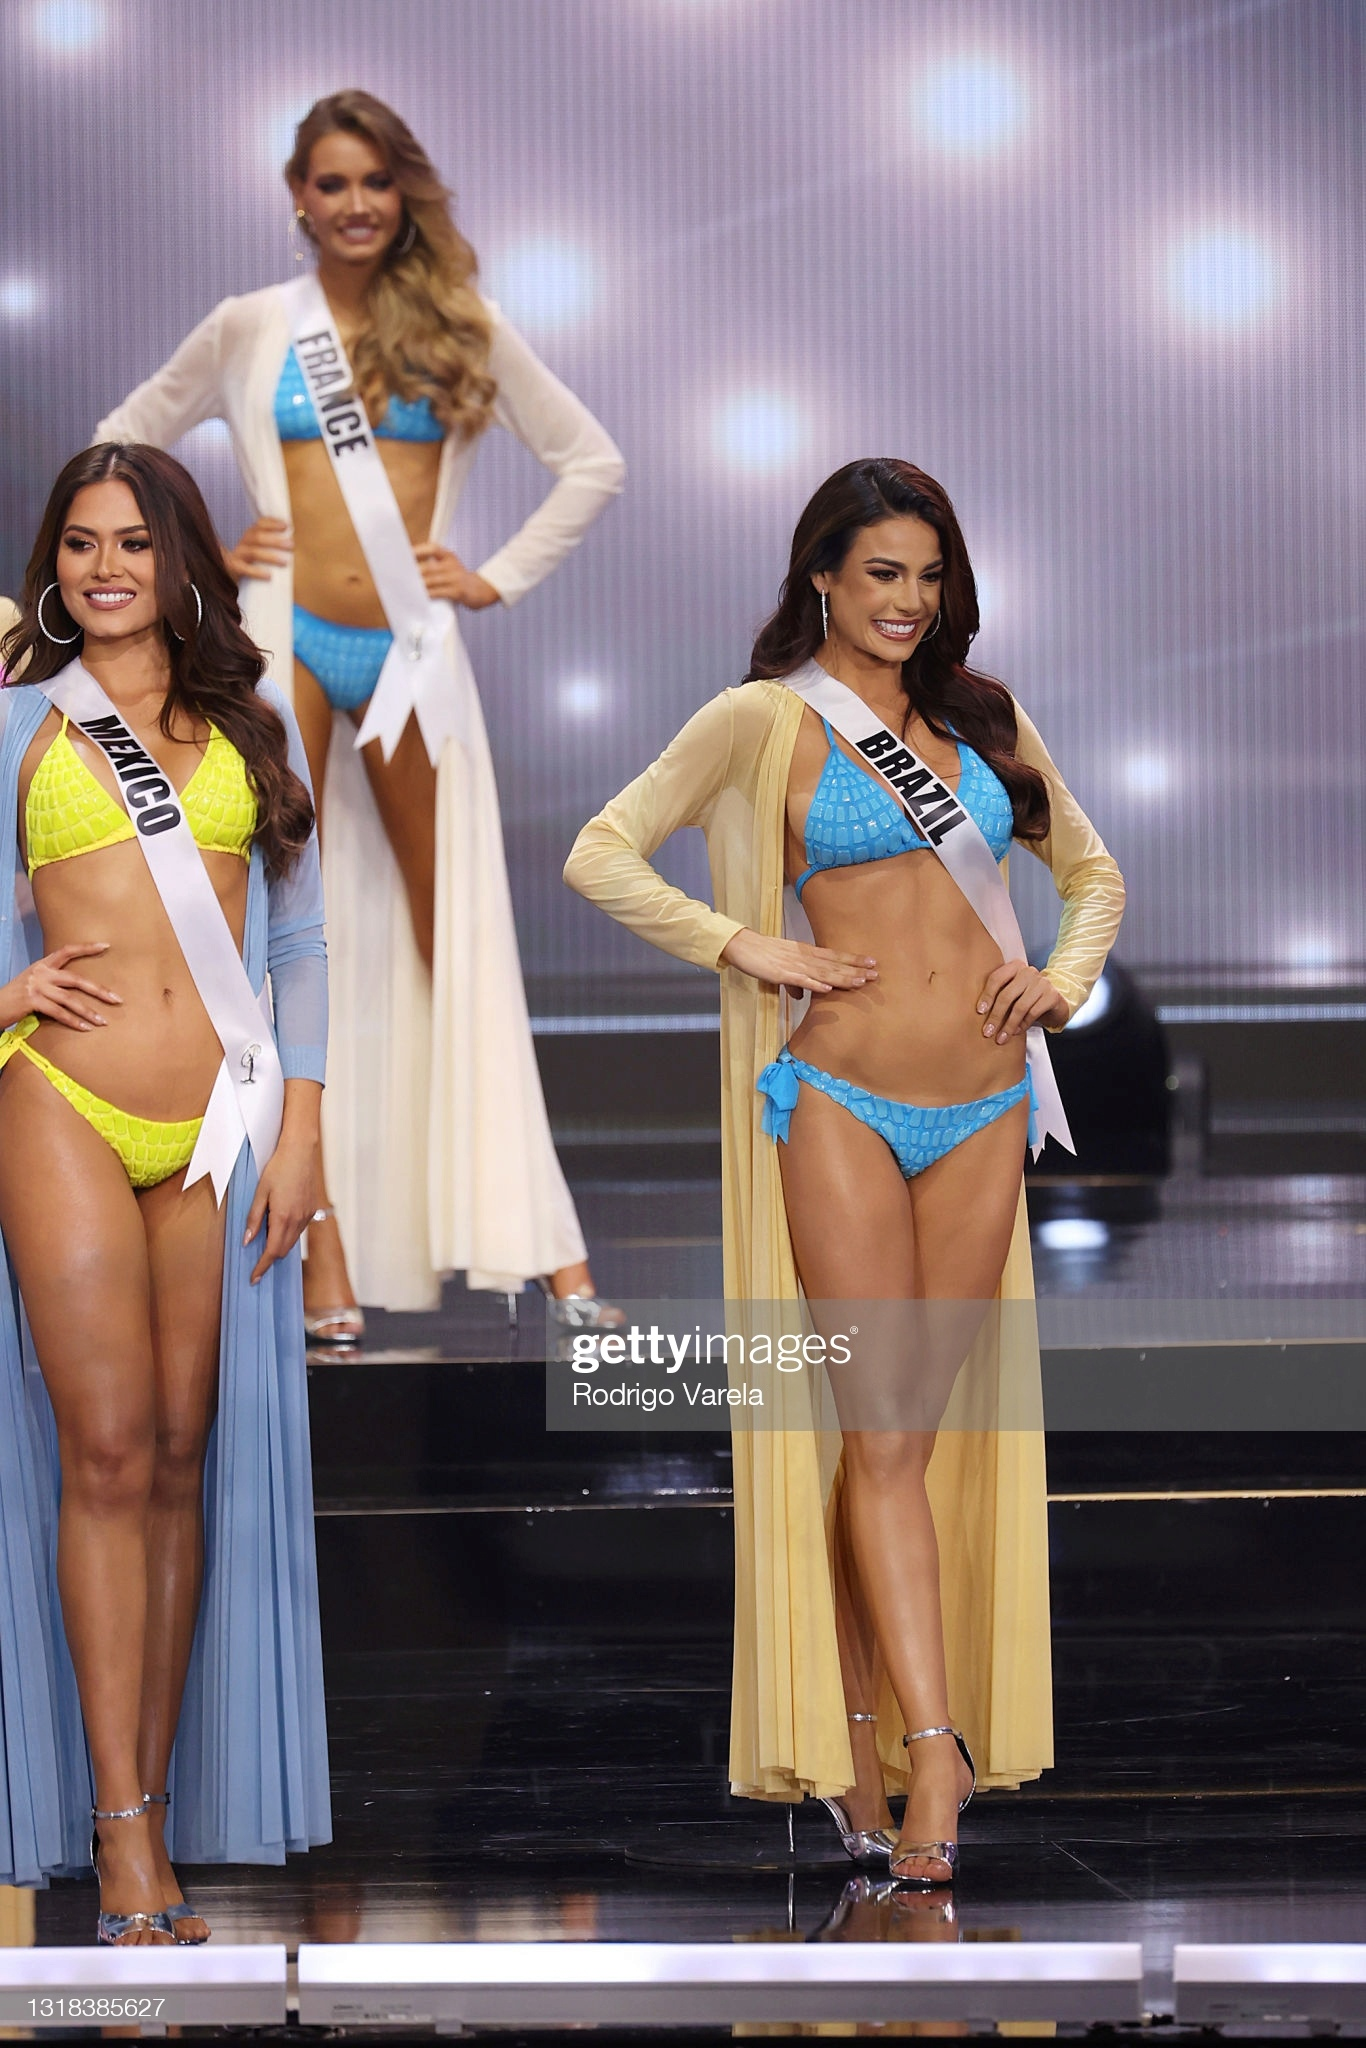 julia gama, 1st runner-up de miss universe 2020/top 11 de miss world 2014. part II. - Página 43 20877812